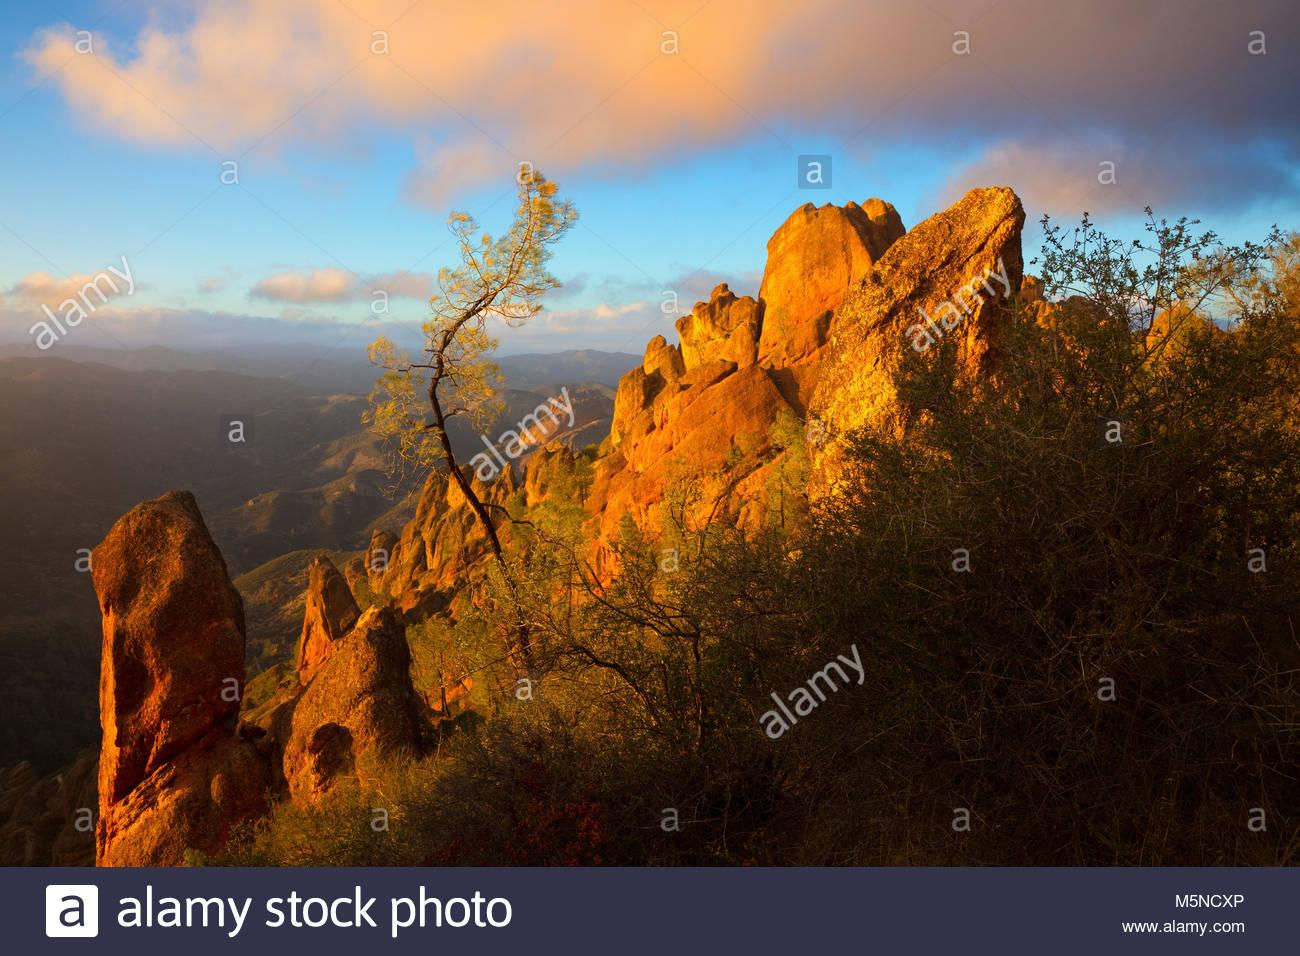 Das goldene Licht des Sonnenuntergangs Highlights der rauen Umgebung in der Nähe des Gipfels der hohen Gipfeln Stockbild